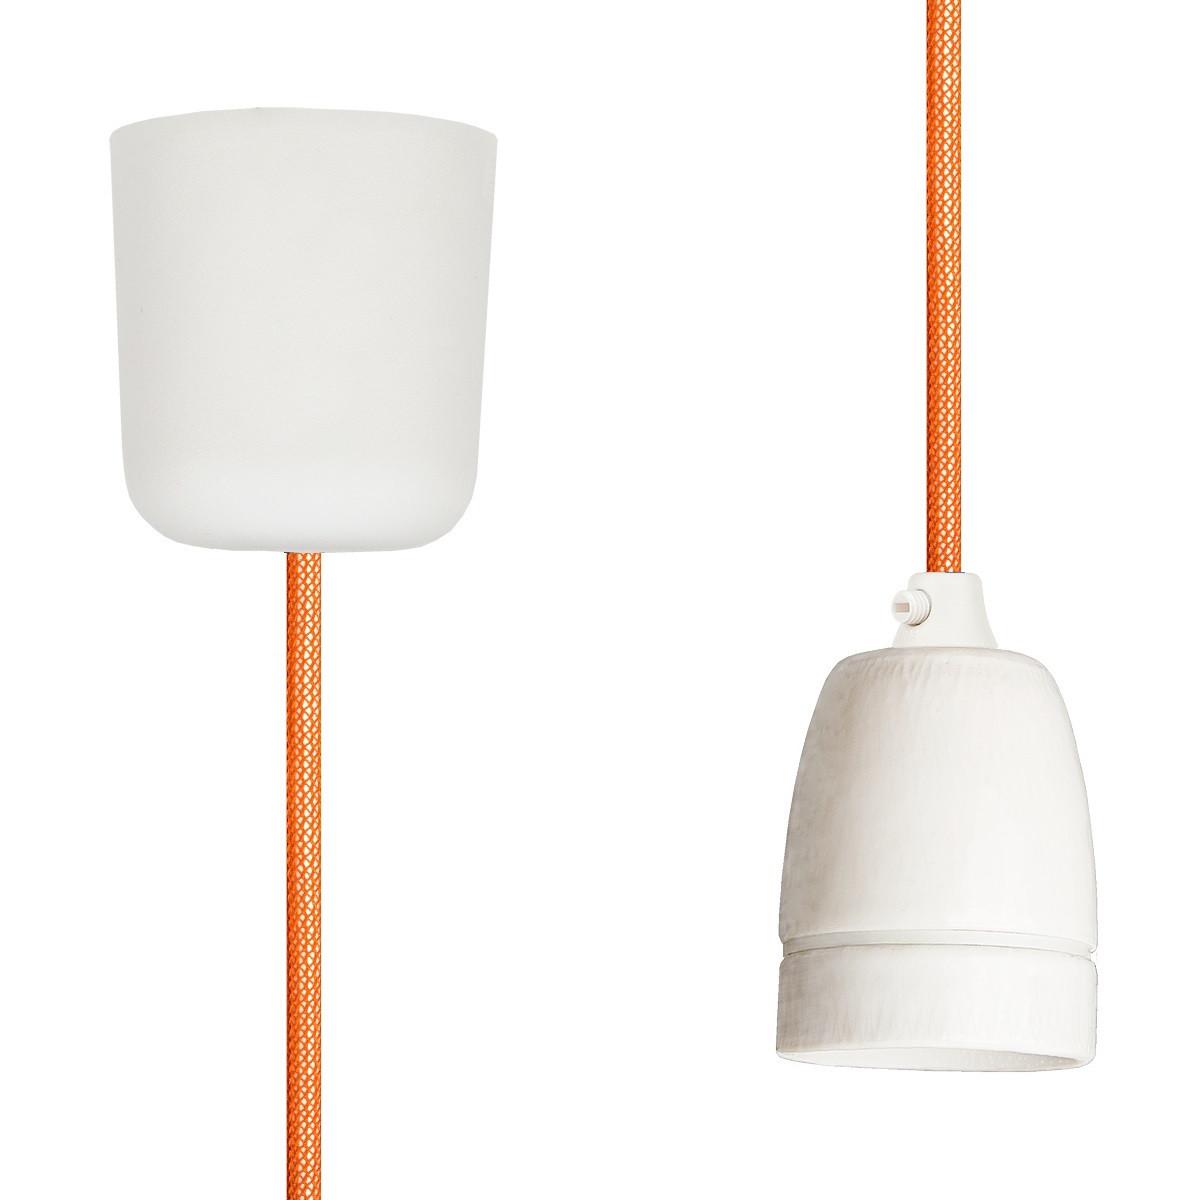 Textilkabel-Hängeleuchte Porzellan orange netzartig